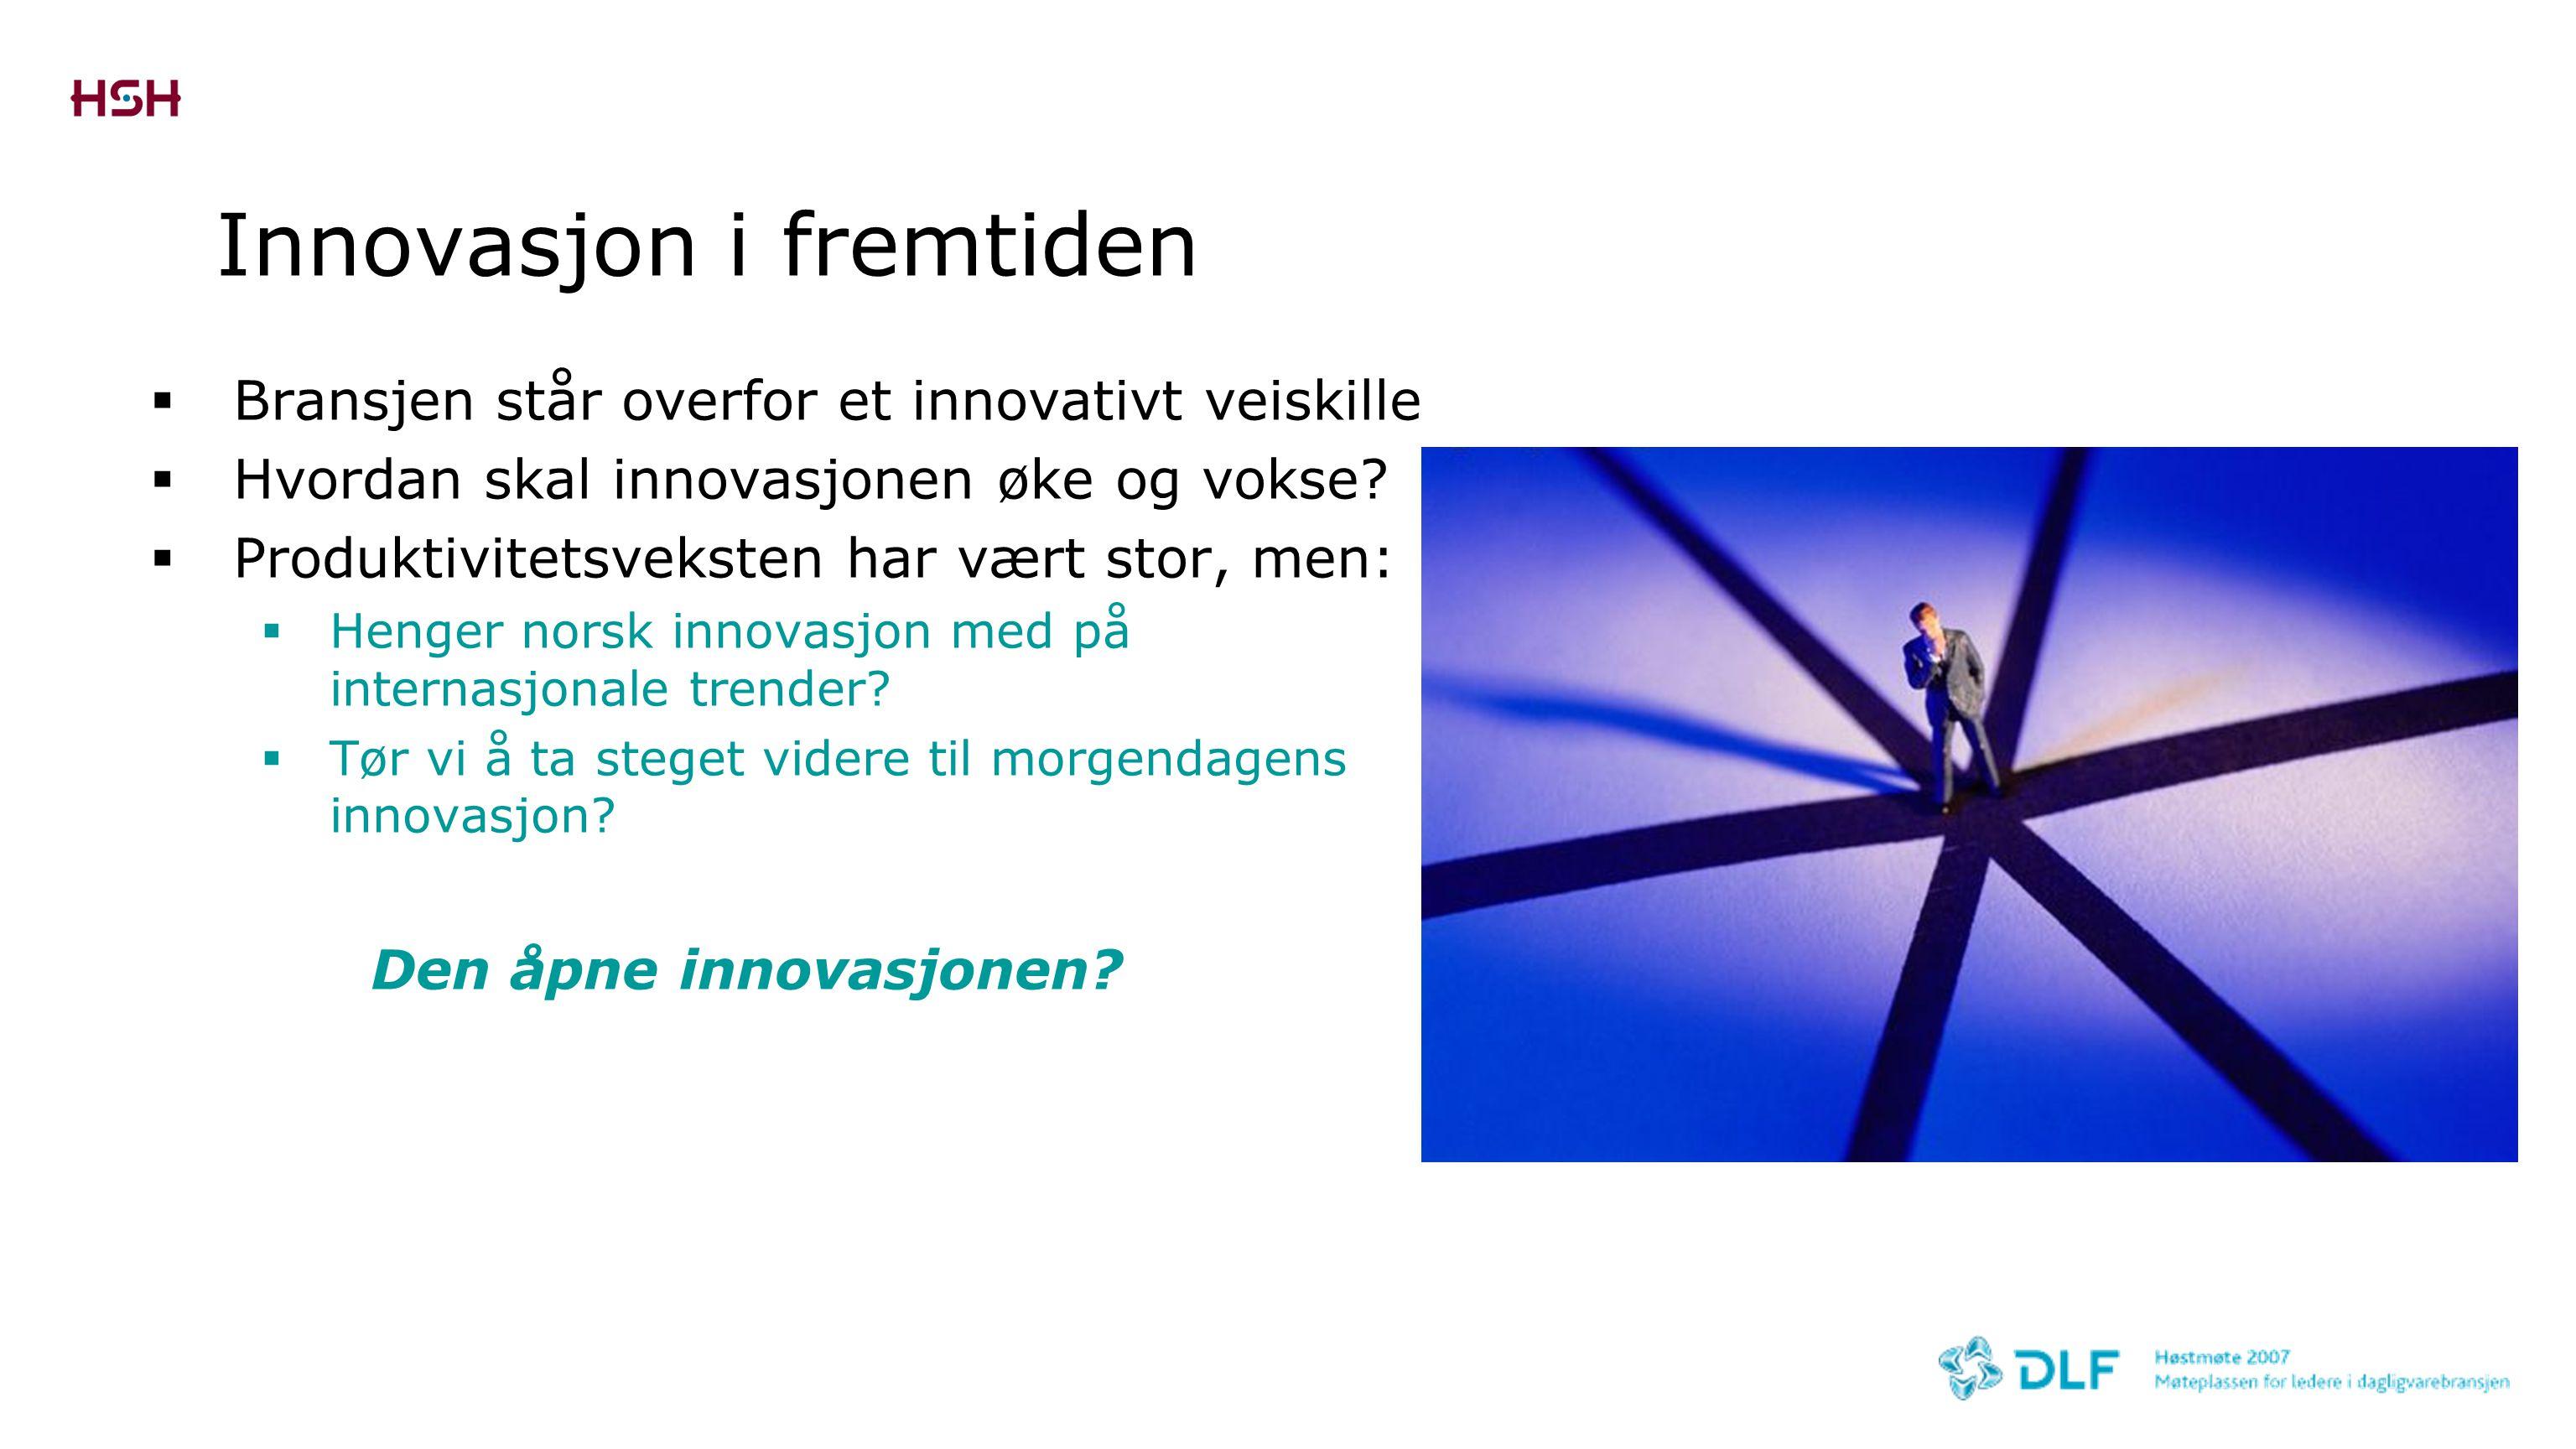 Innovasjon i fremtiden  Bransjen står overfor et innovativt veiskille  Hvordan skal innovasjonen øke og vokse?  Produktivitetsveksten har vært stor